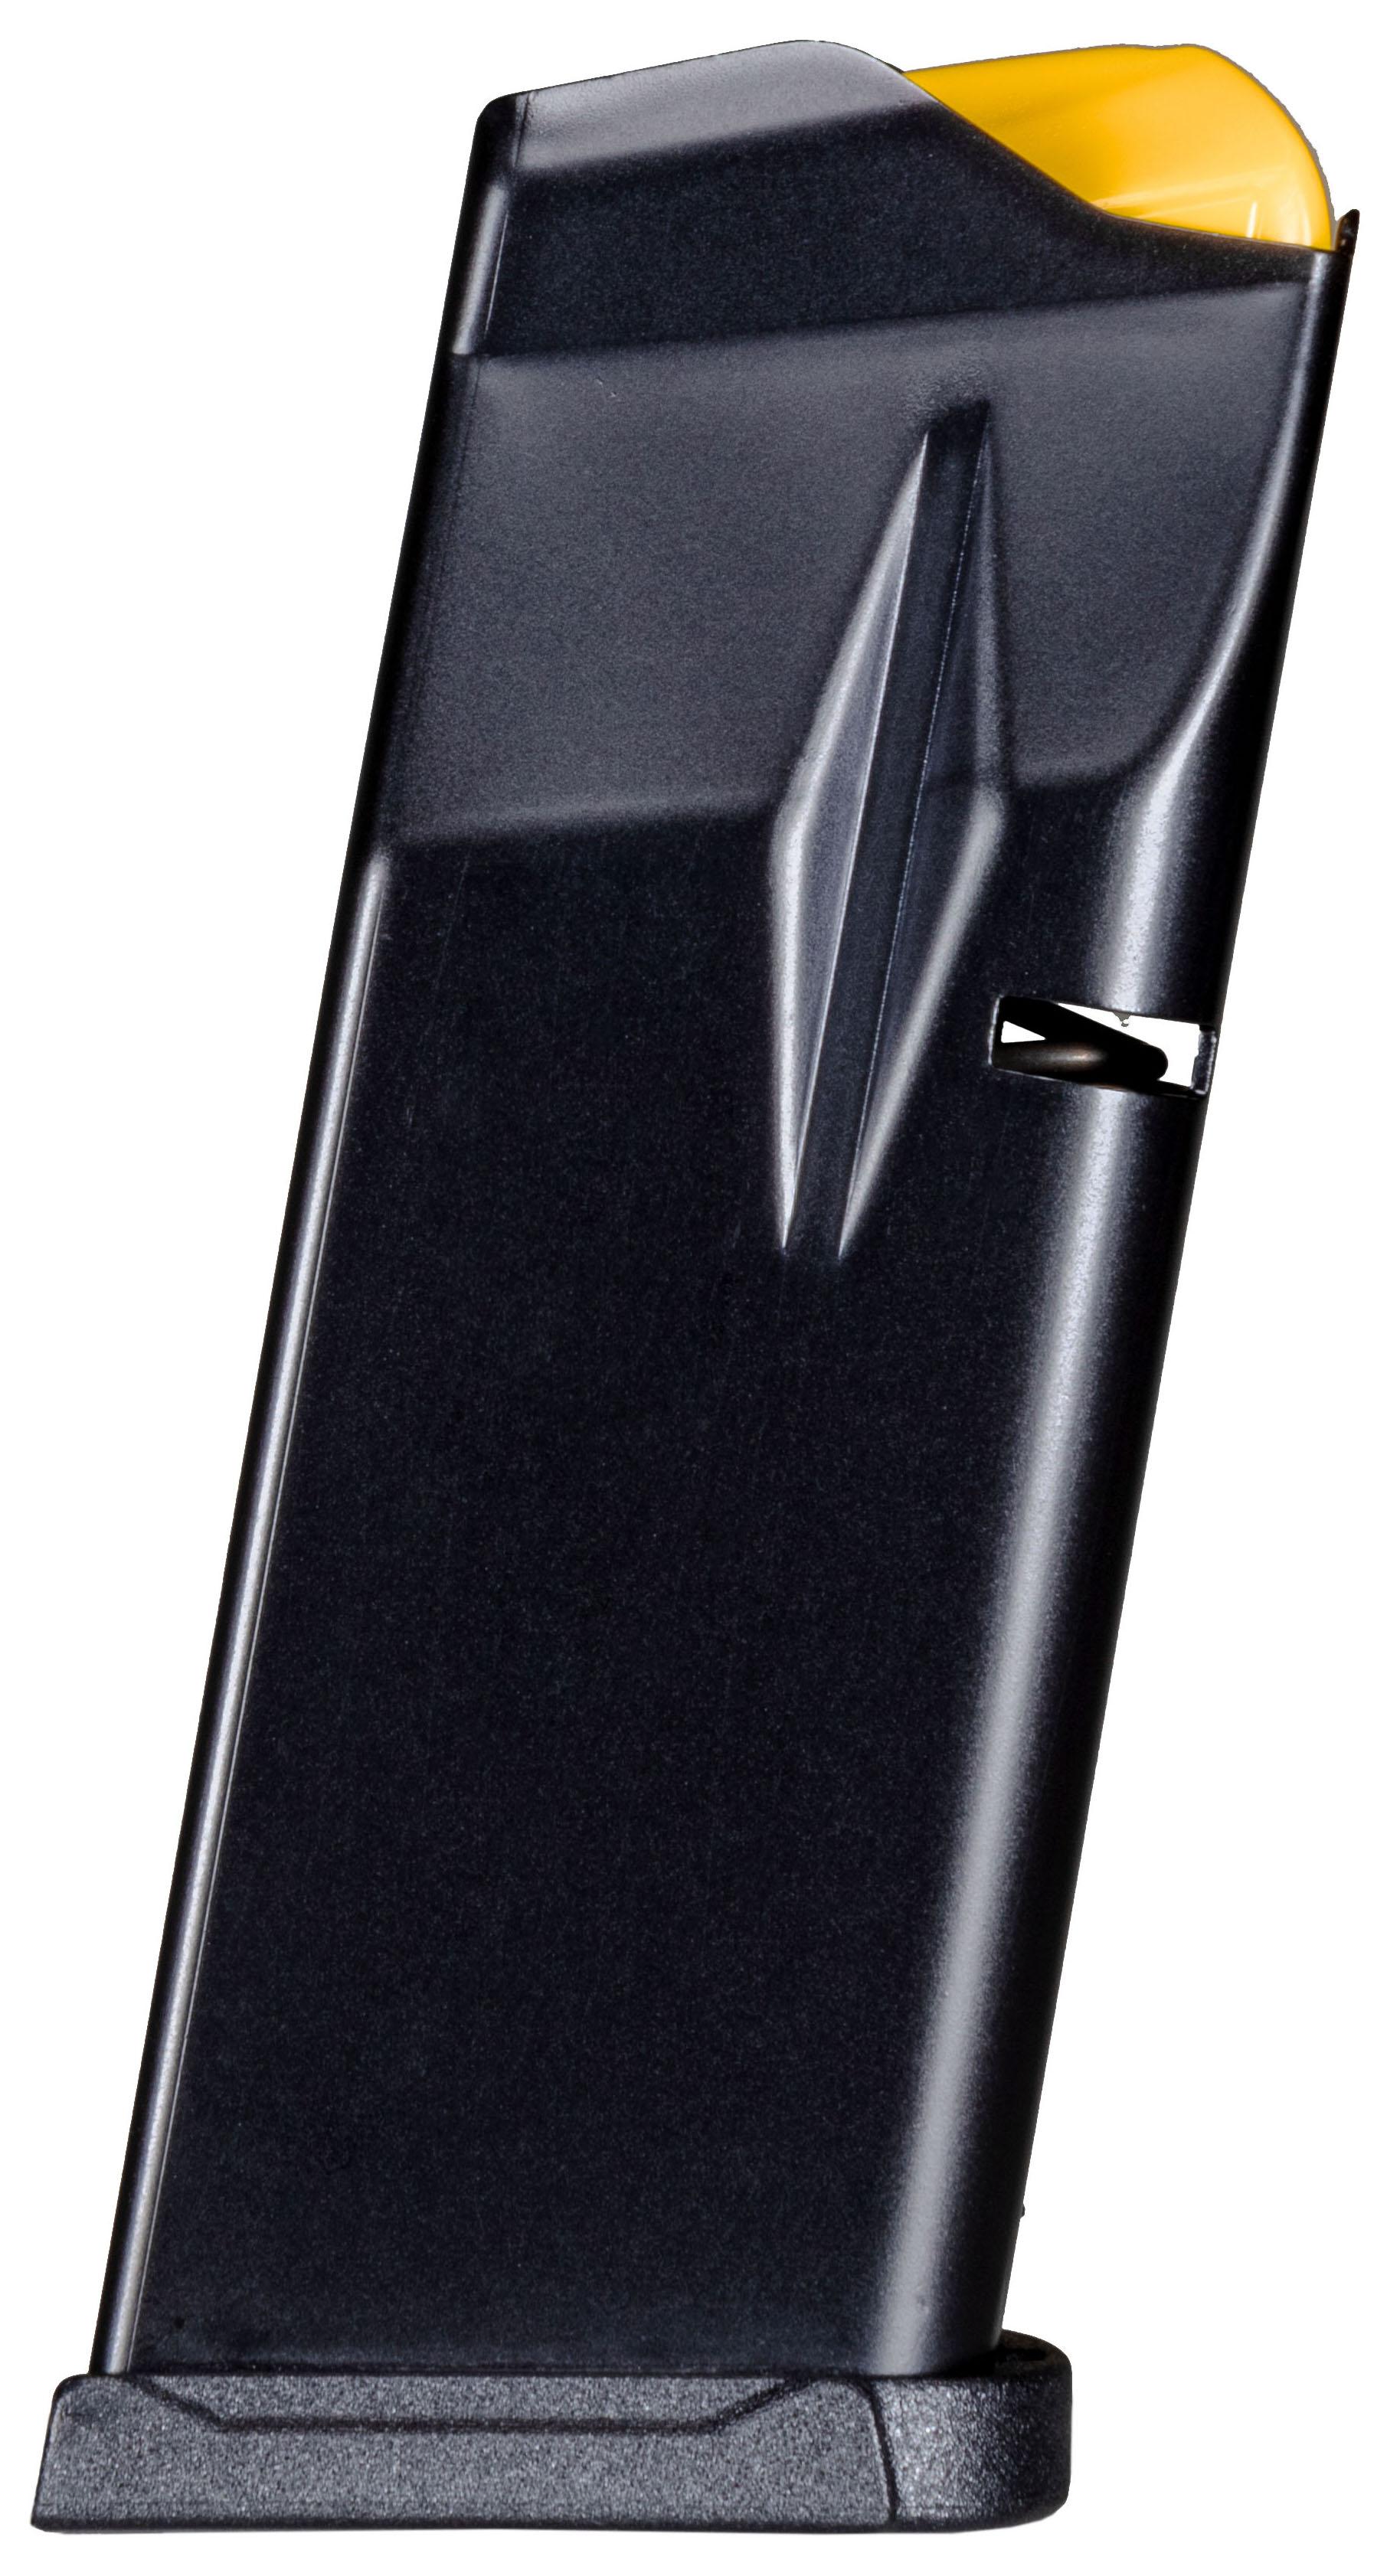 Taurus GX4 MAGAZINE 9MM